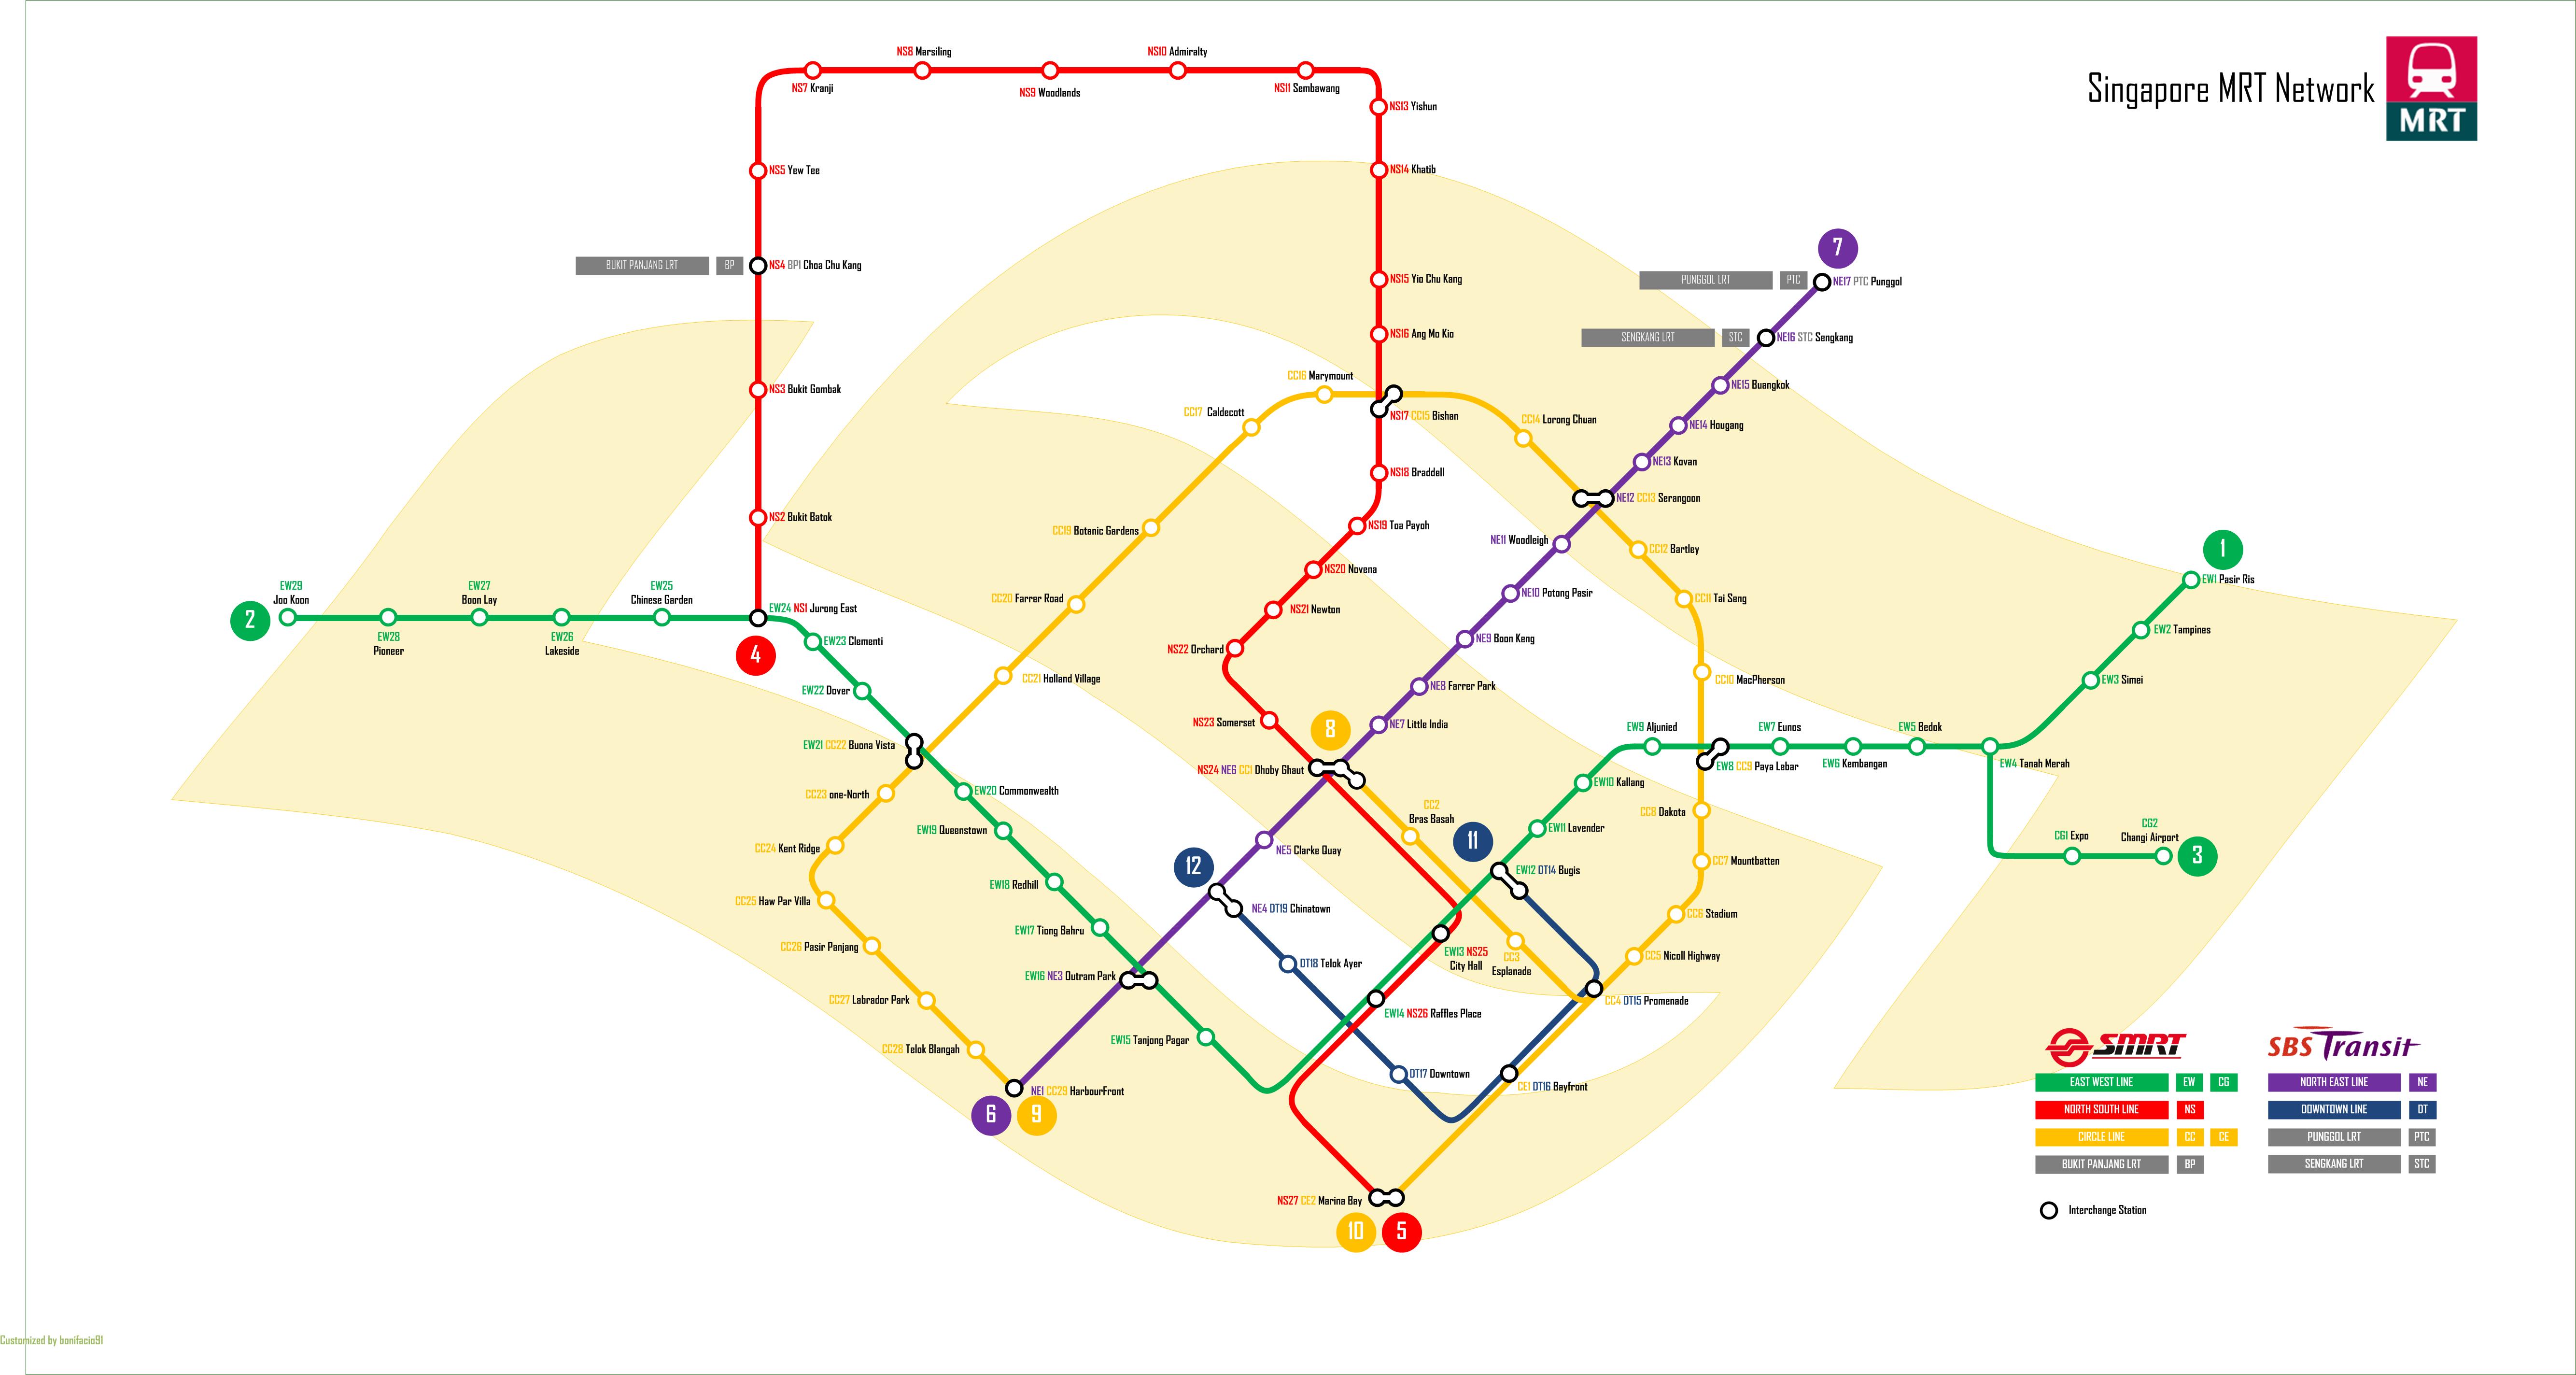 singapore mrt map pdf 2018